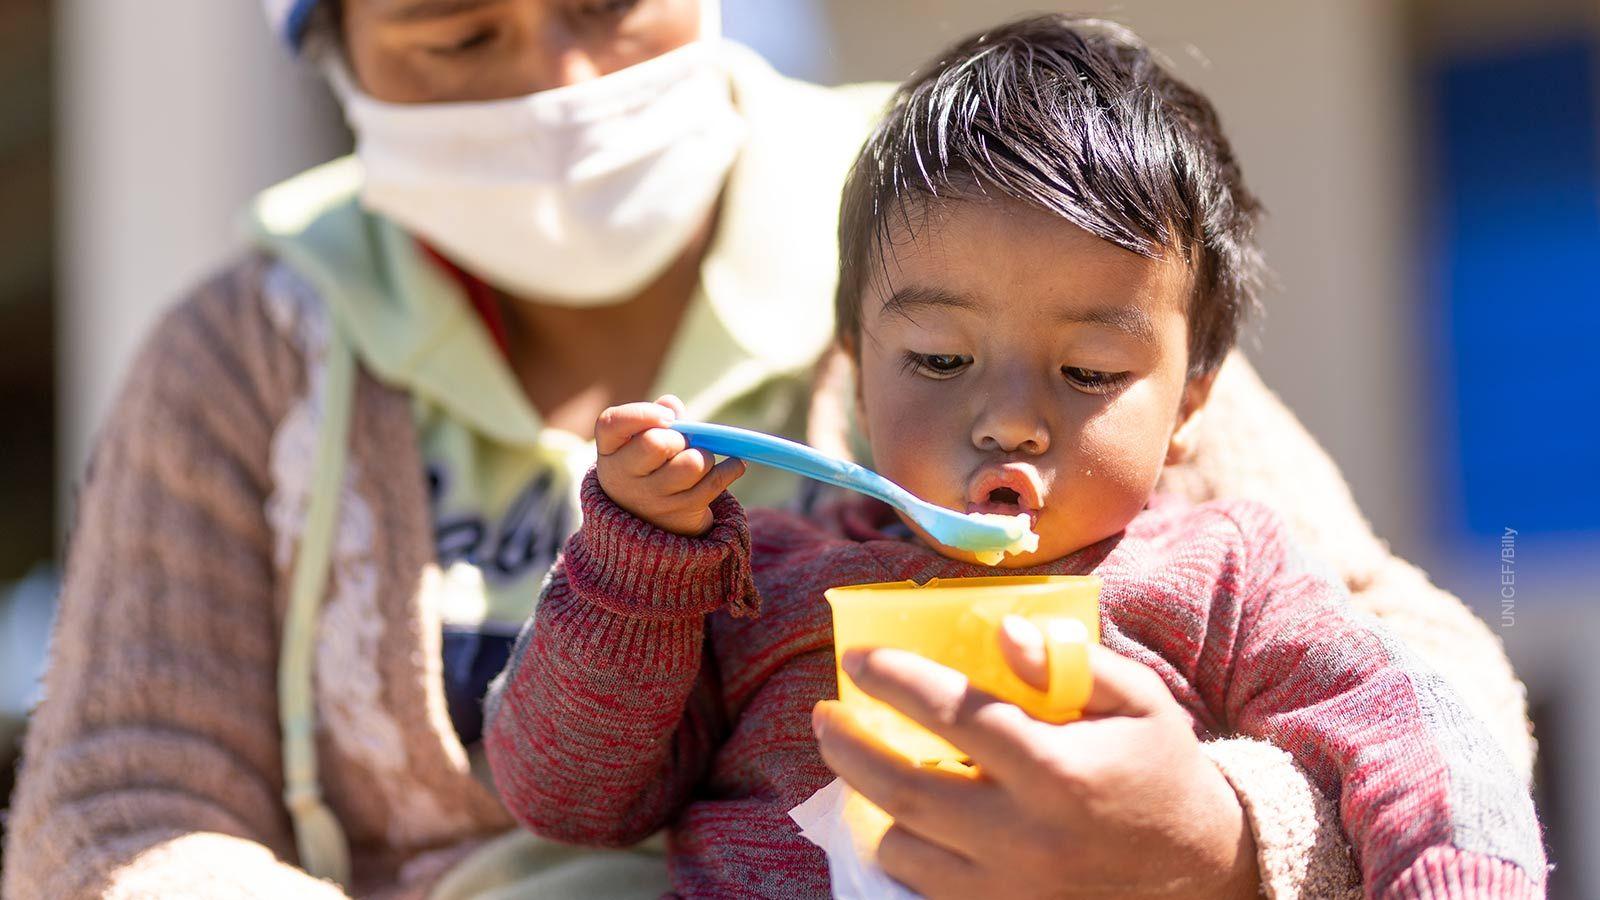 6 de cada 10 niñas y niños viven en hogares pobres